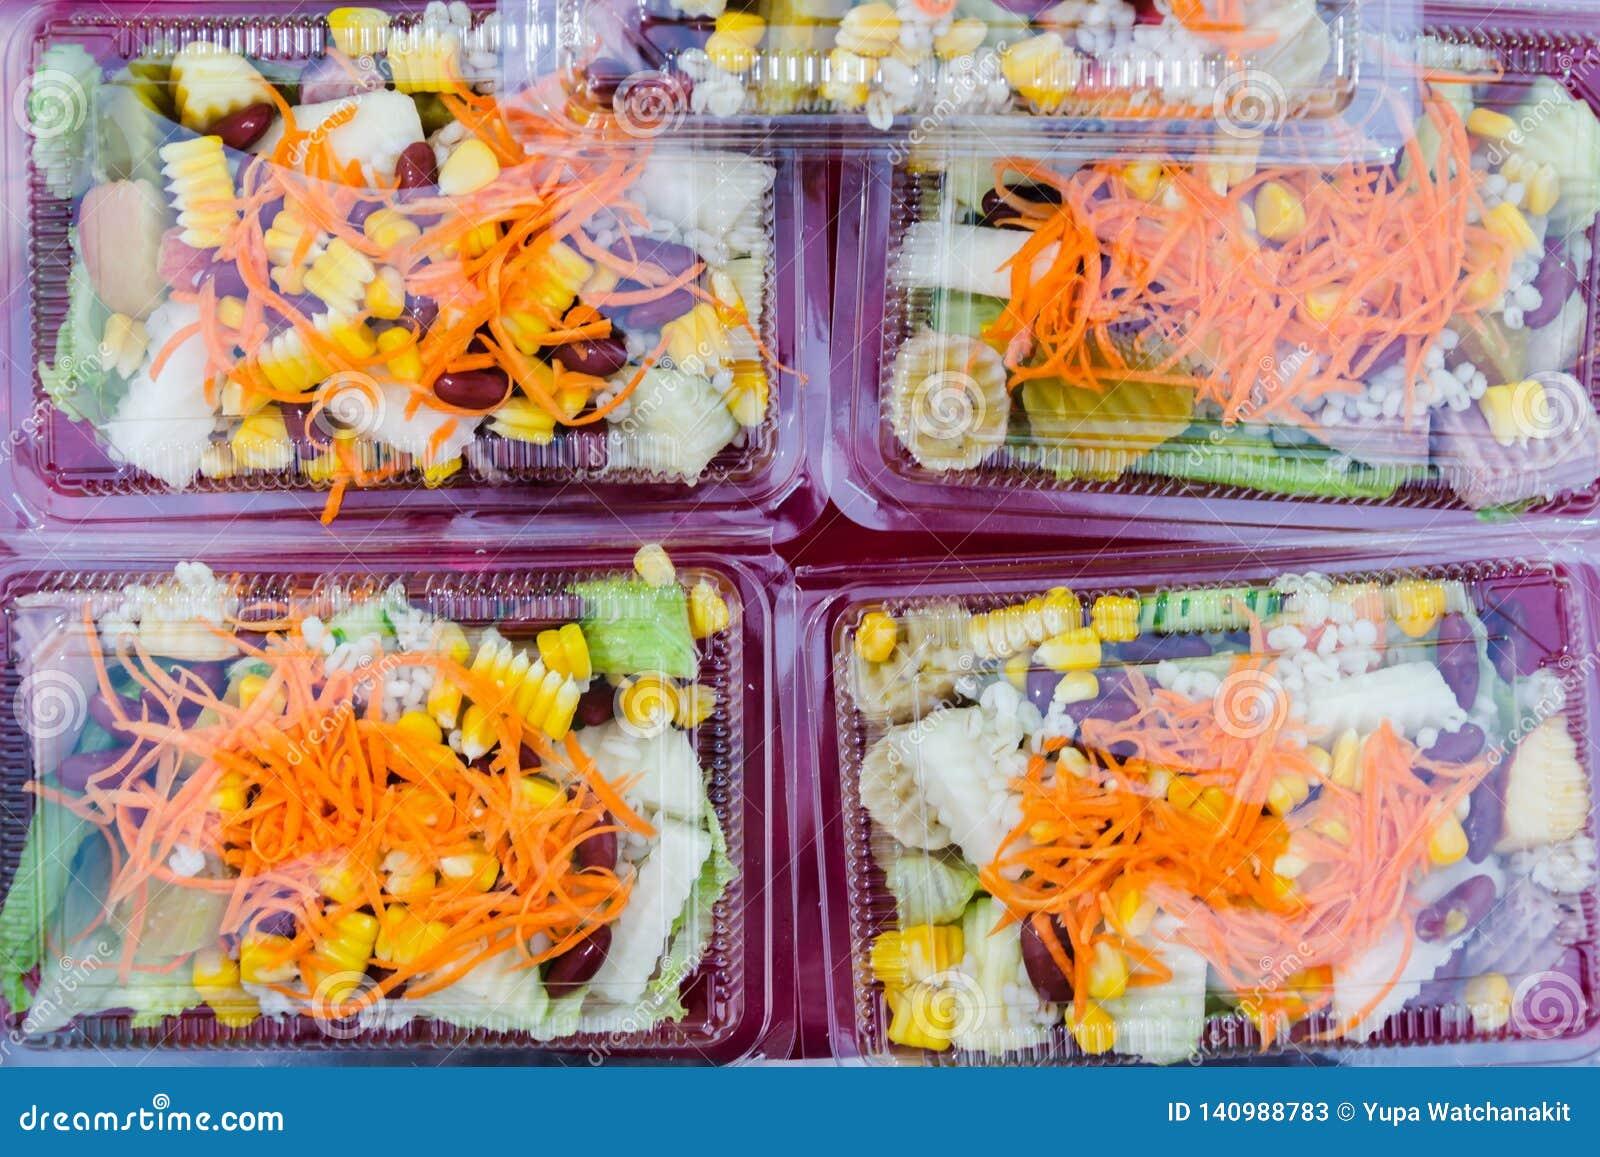 Mischungsobst- und gemüse Salat im Plastikpaket